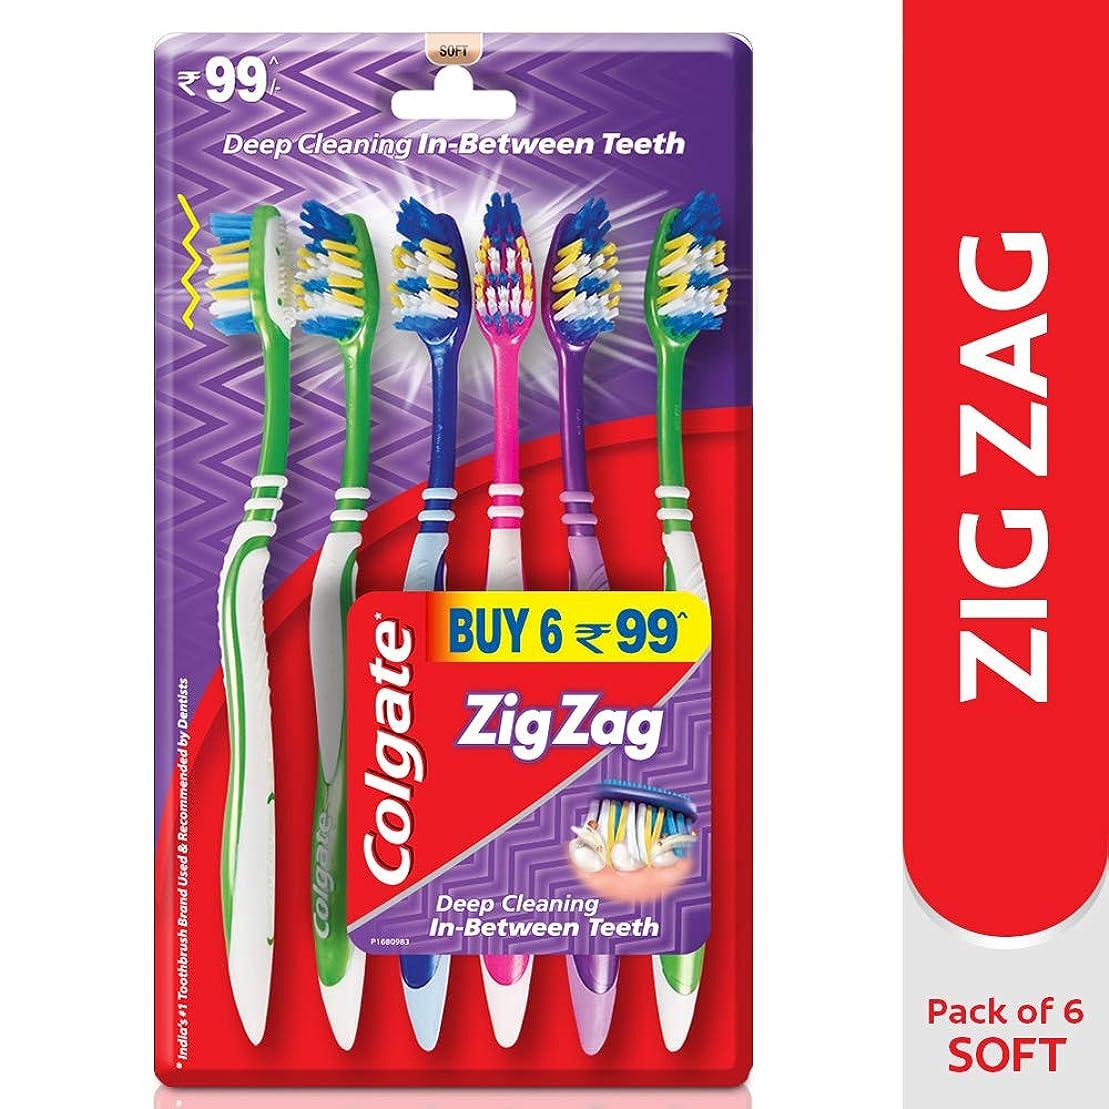 バルククラウド防止Colgate ZigZag Soft Bristle Toothbrush - 6 Pcs